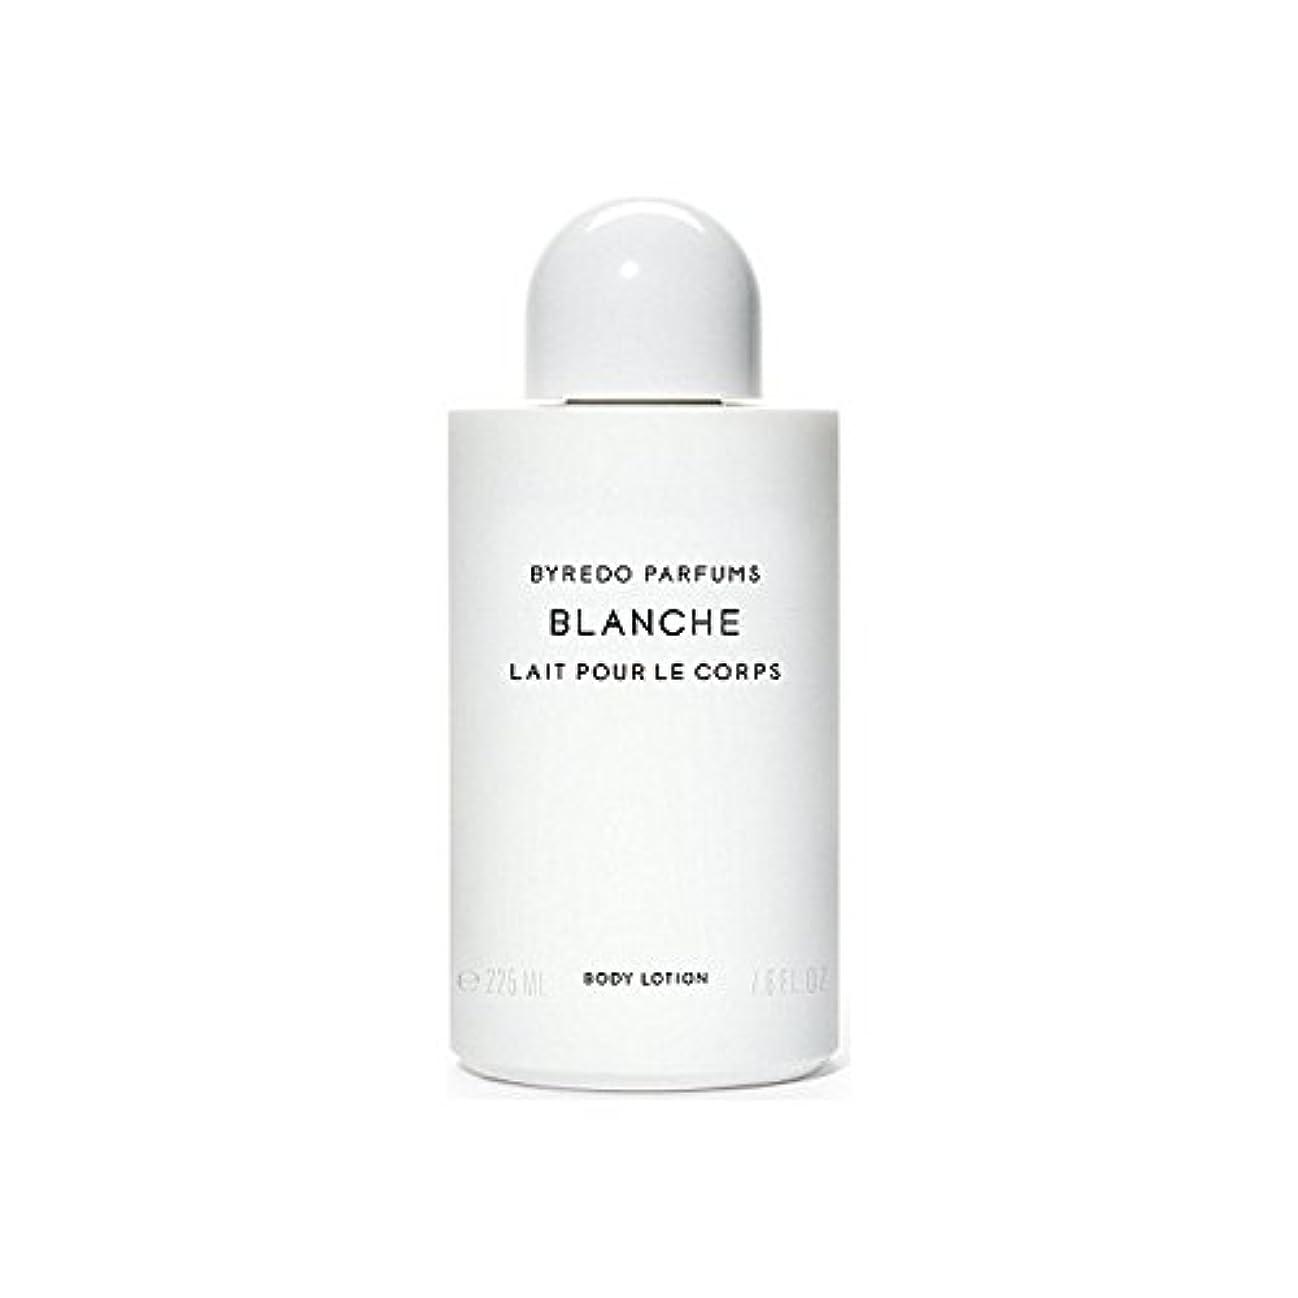 ゆりかごメッシュ乏しいブランシュボディローション225ミリリットル x2 - Byredo Blanche Body Lotion 225ml (Pack of 2) [並行輸入品]